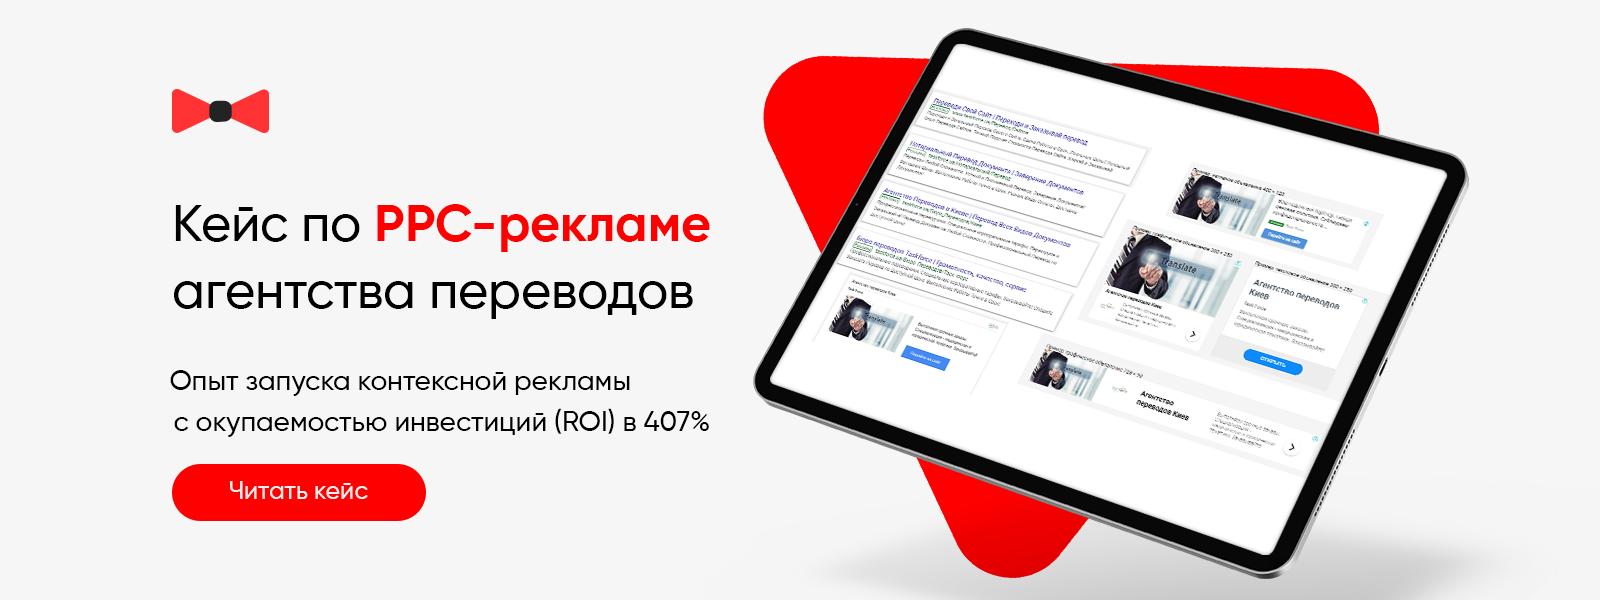 Кейс по контекстной рекламе: Агентство переводов